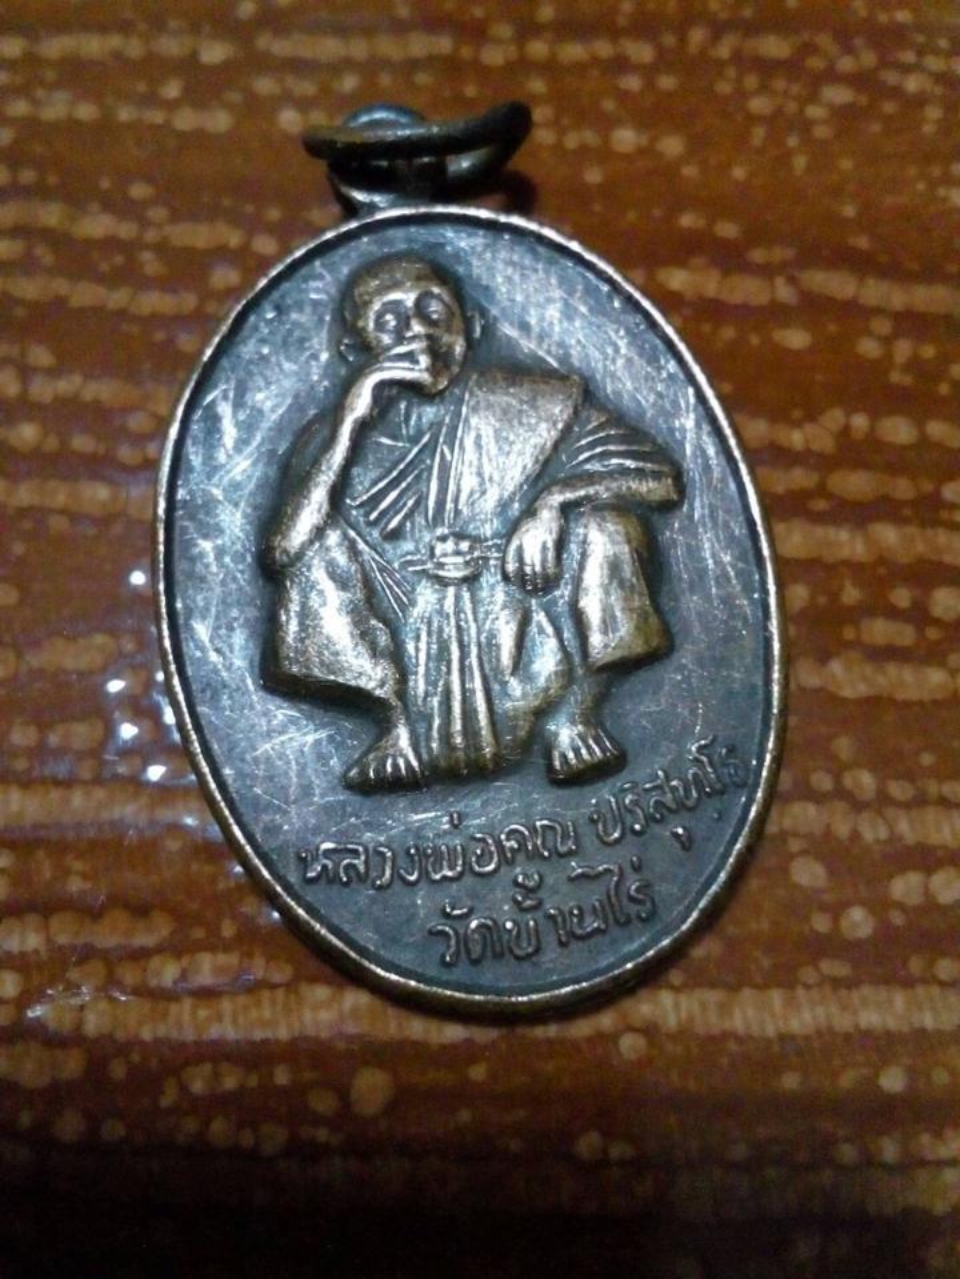 เหรียญหลงพ่อคูณรุ่นโชคทวีคูณ ปี 2536 รูปที่ 1